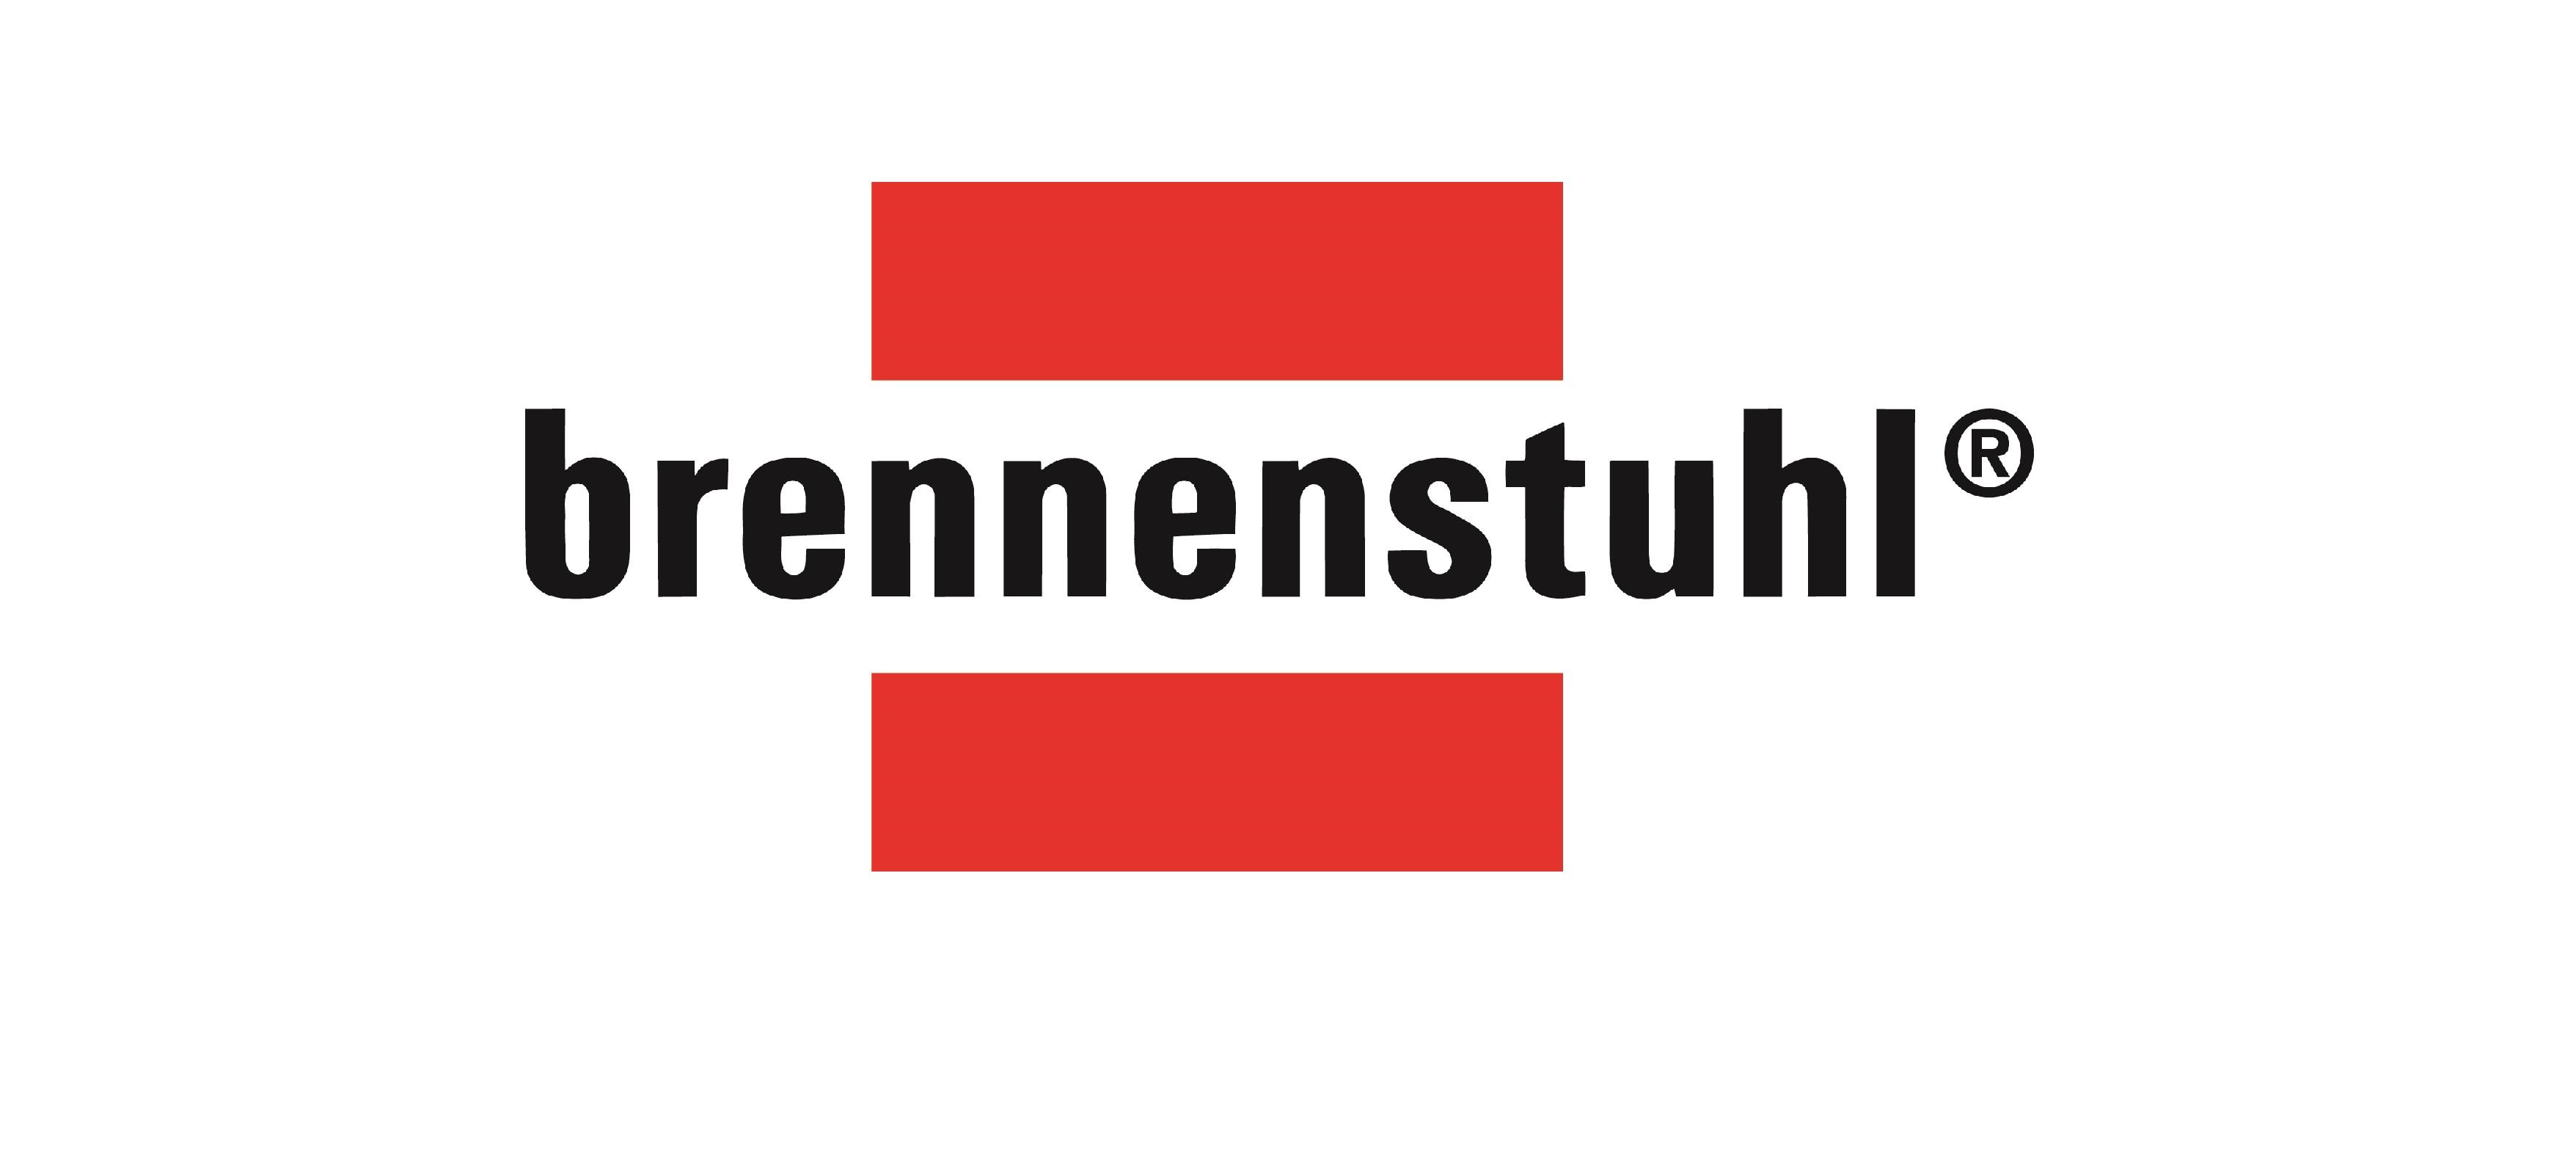 Brenenstuhl